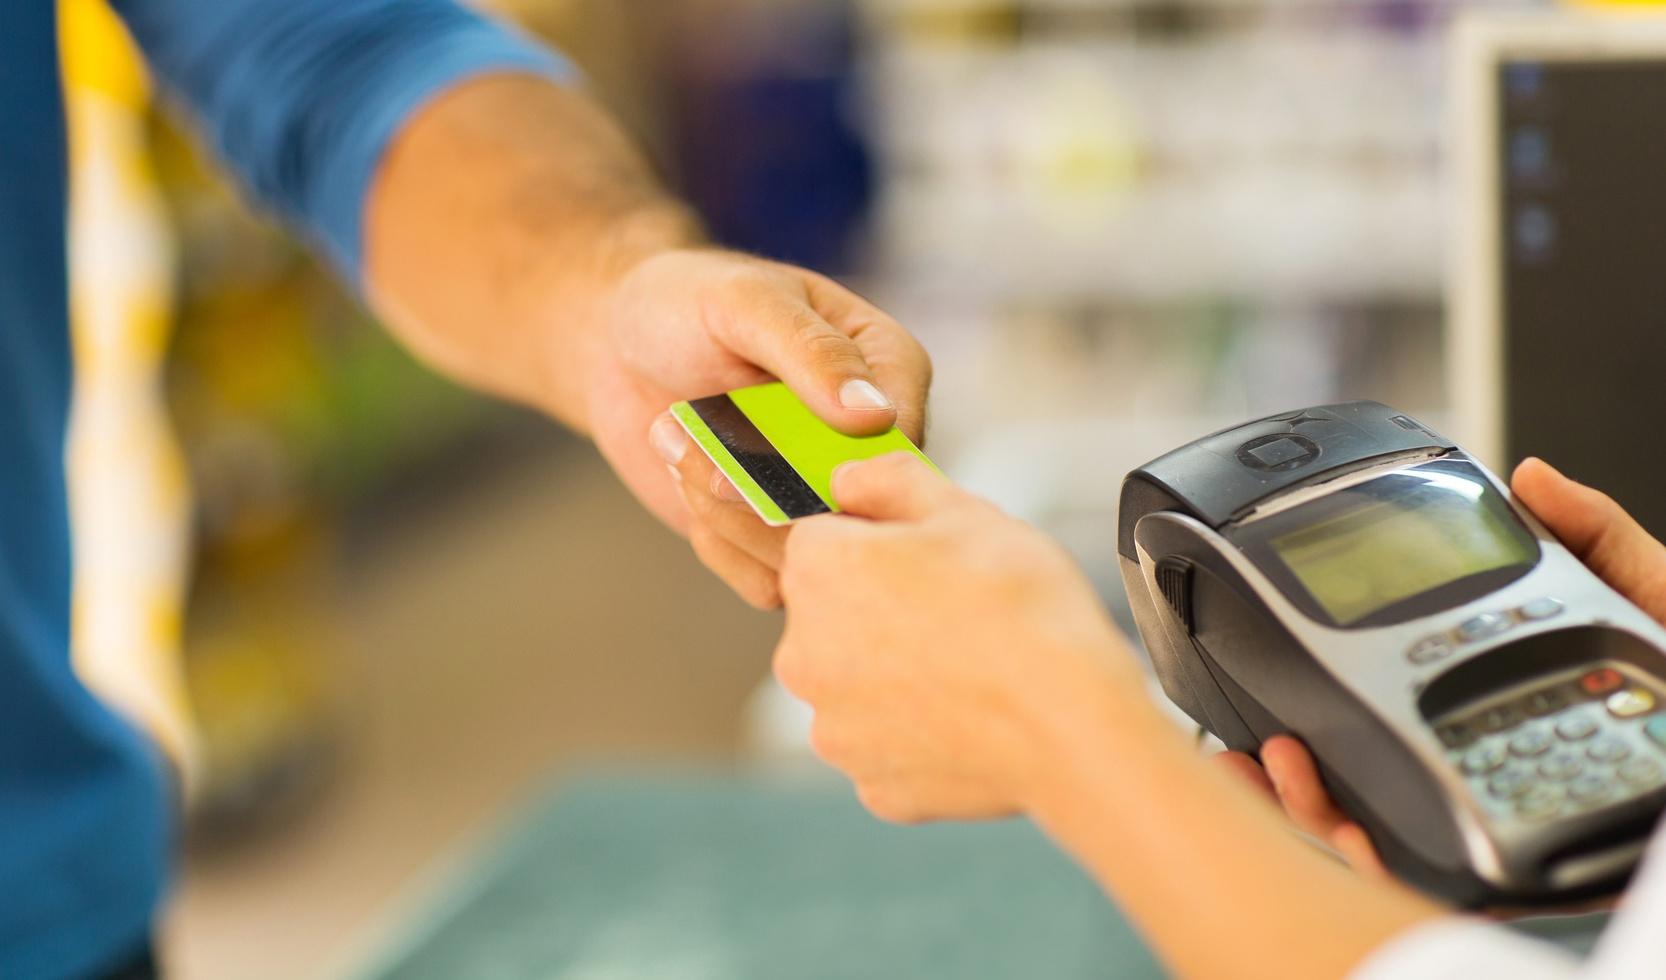 menggunakan kartu debit dengan aman